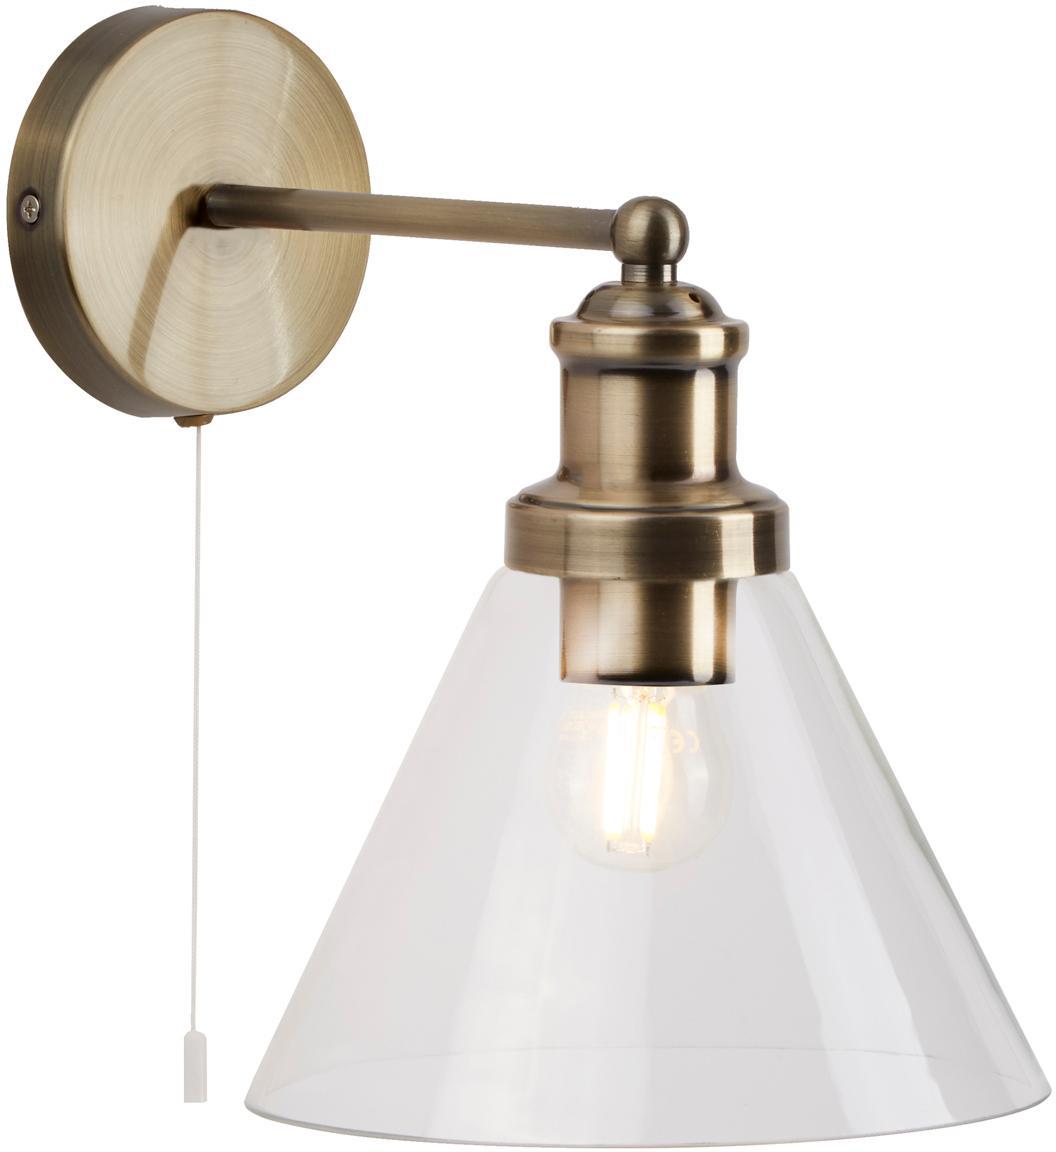 Wandleuchte Pyramid mit Glasschirm, Lampenschirm: Glas, Messing, Transparent, 19 x 25 cm